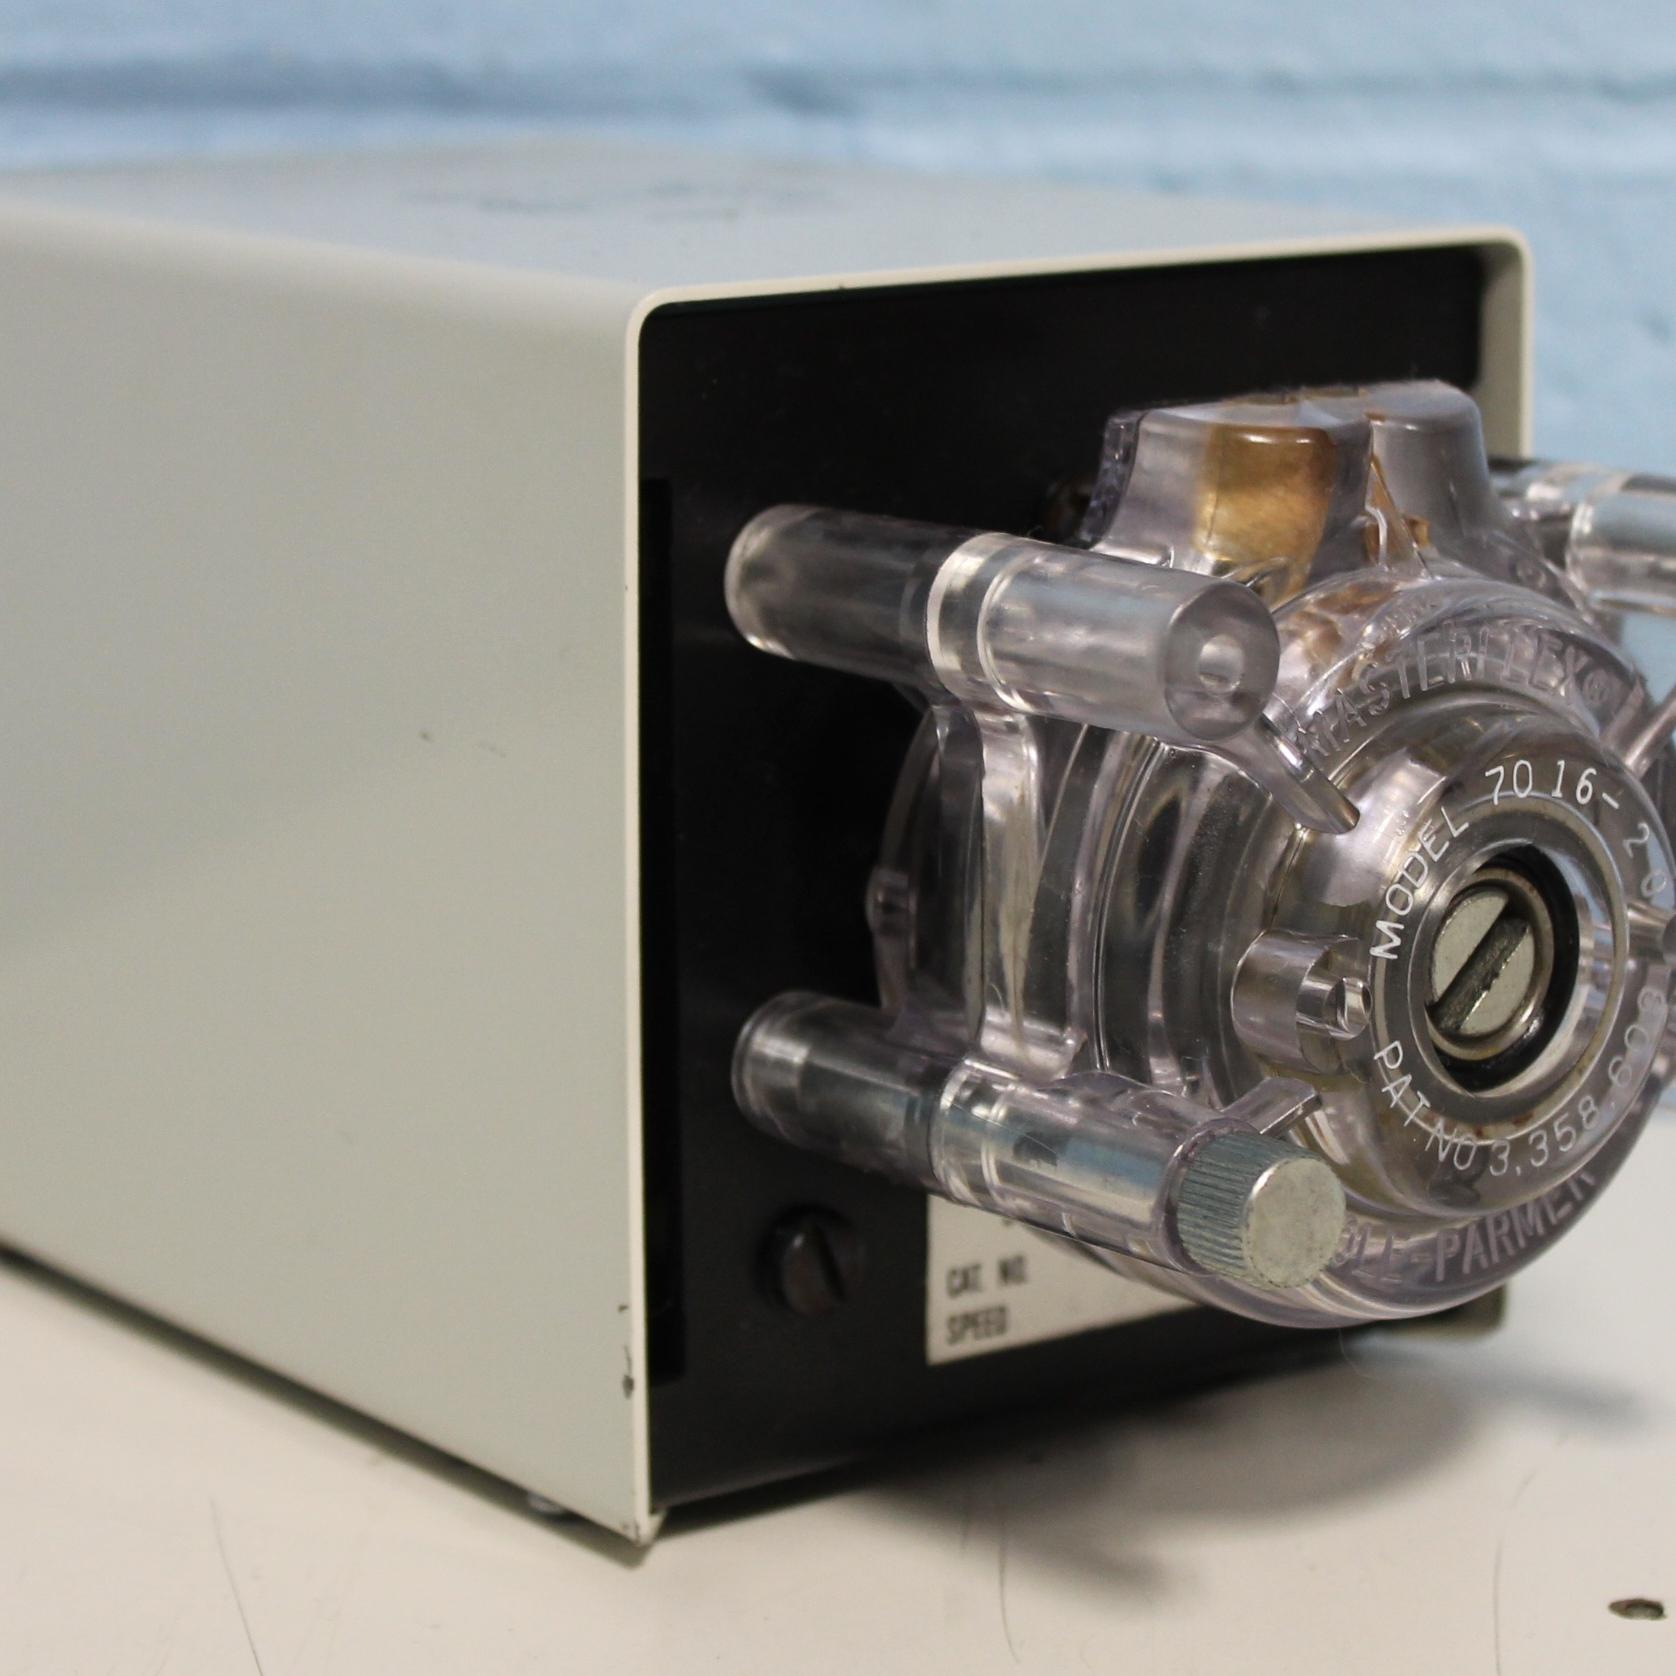 Cole-Parmer MasterFlex Pump Drive Image